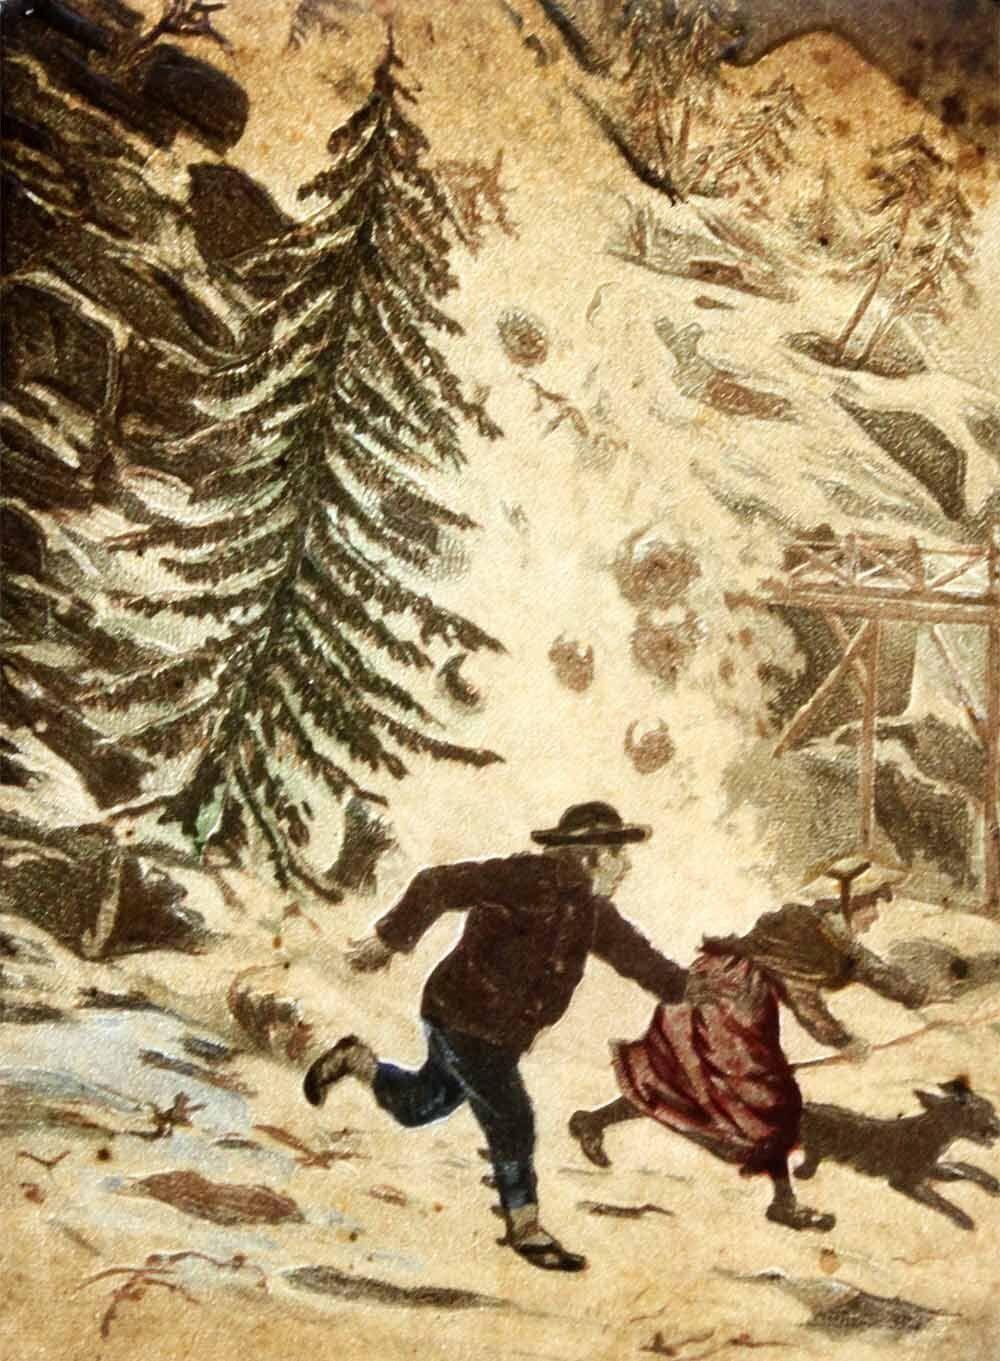 La passion cadeaux illumine Noël, tous les bons cadeaux passion sont en Irak. LITHOPHANIE PAPIER avalanche  / magic lantern optical toys 35c874